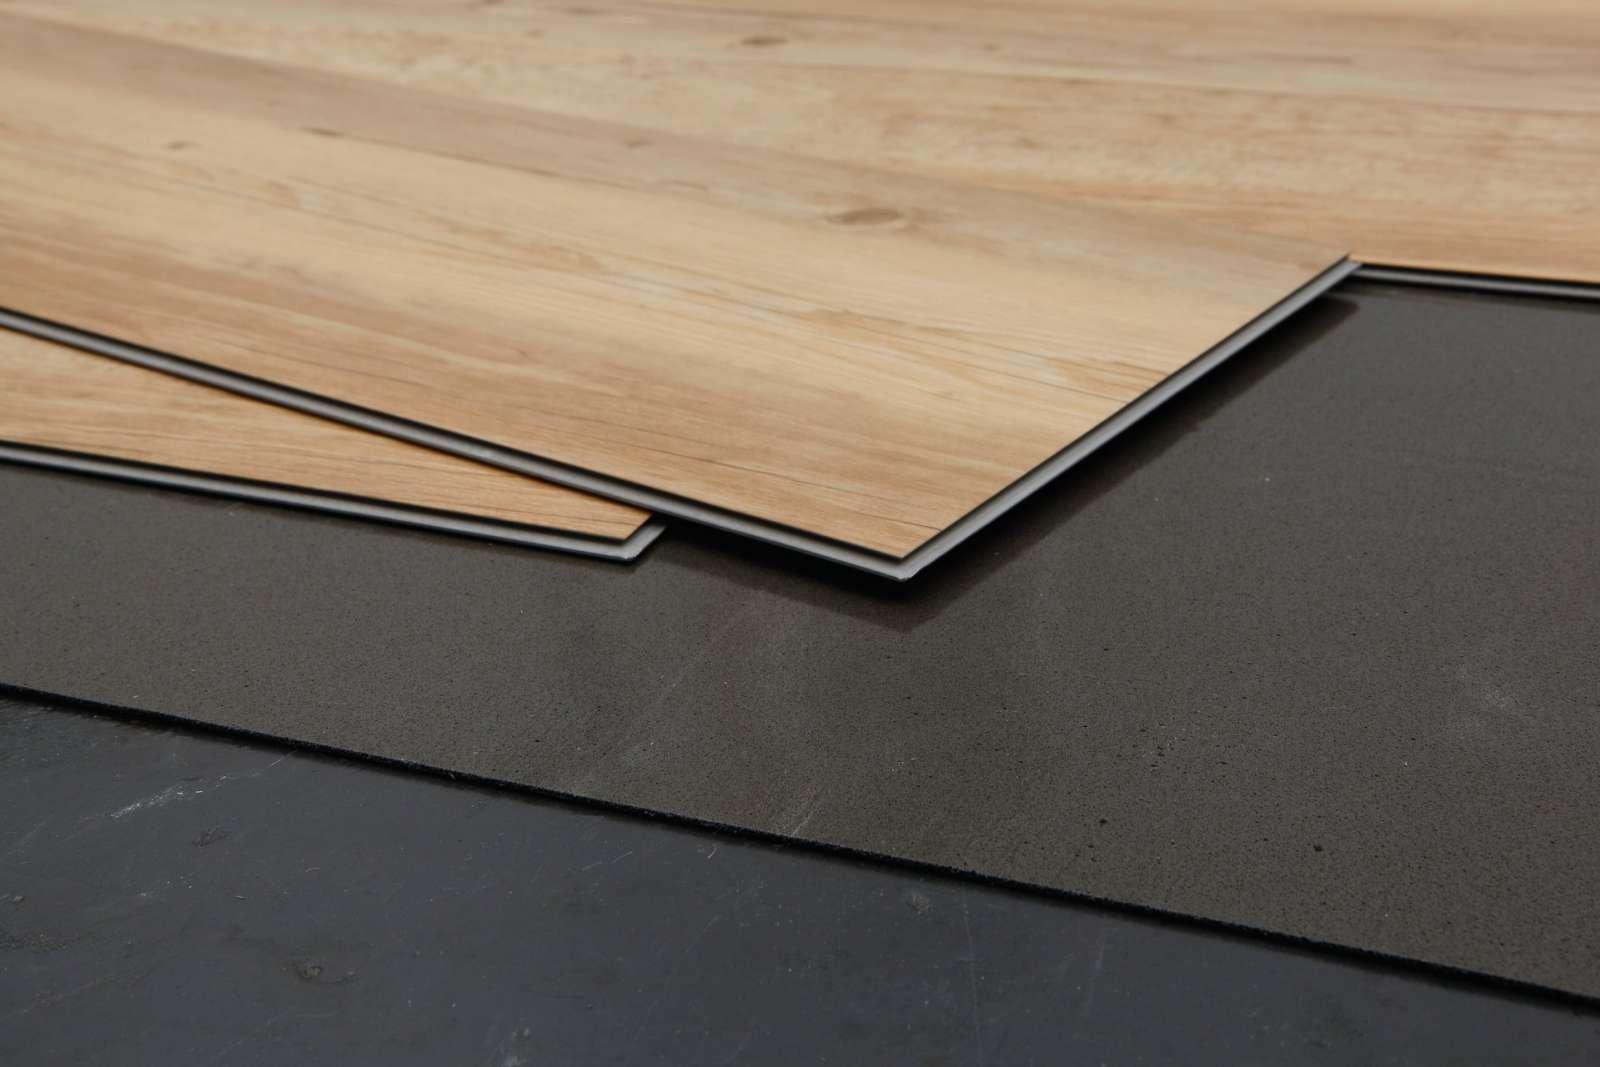 parkett in karlsruhe von der raumaustattung blum blum. Black Bedroom Furniture Sets. Home Design Ideas